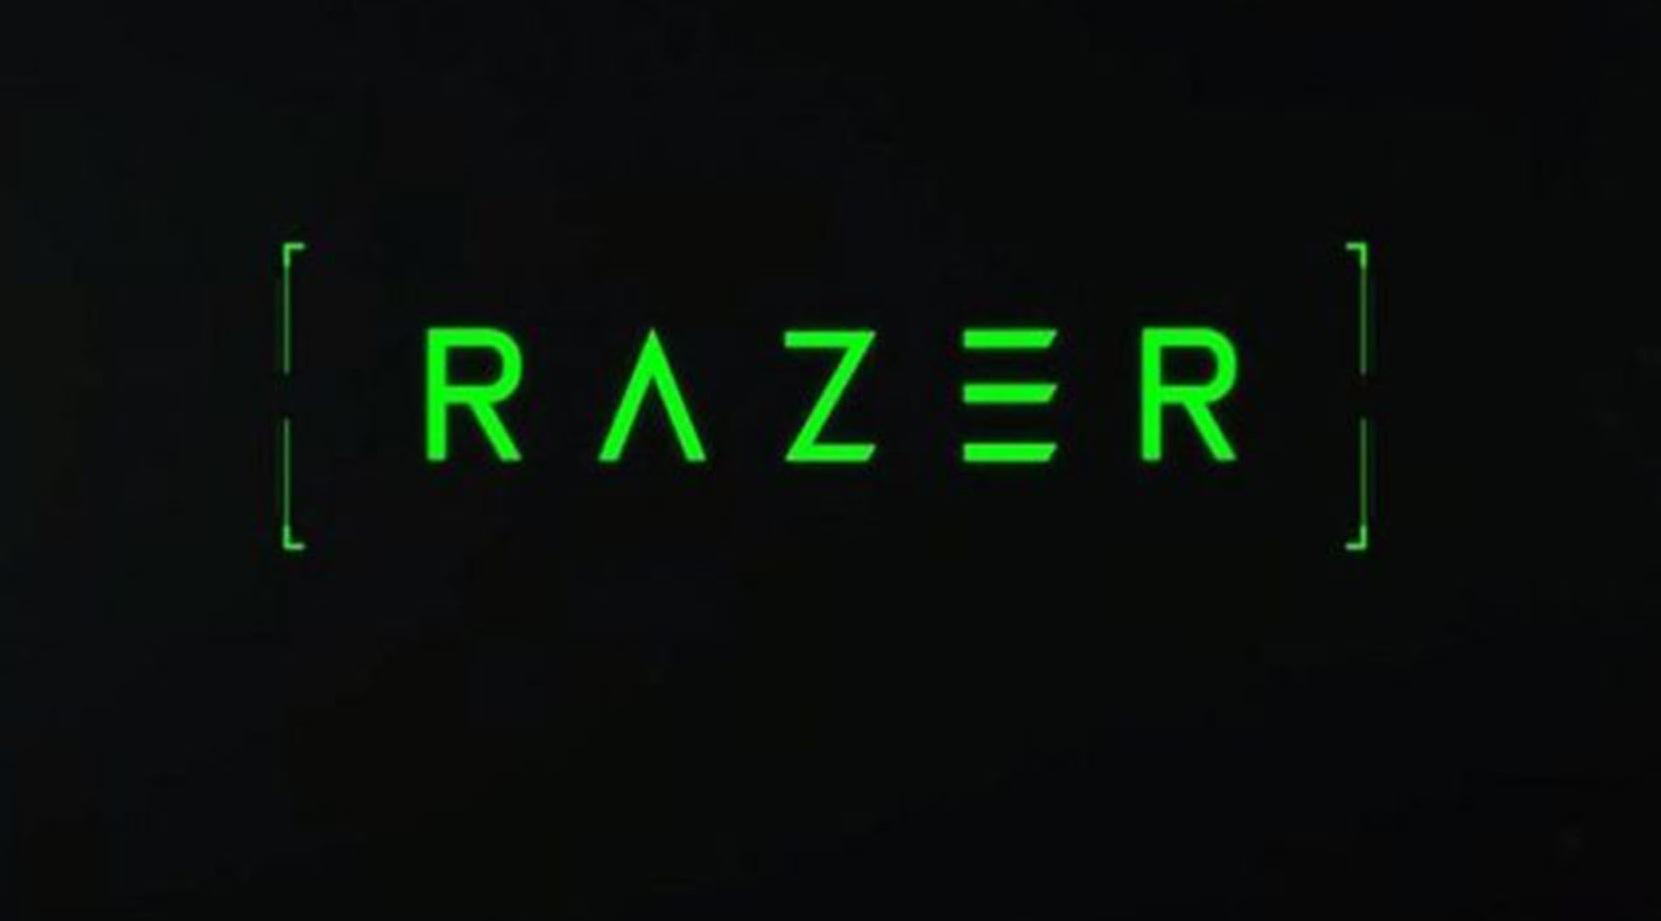 Производитель геймерской техники Razer выпустит смартфон